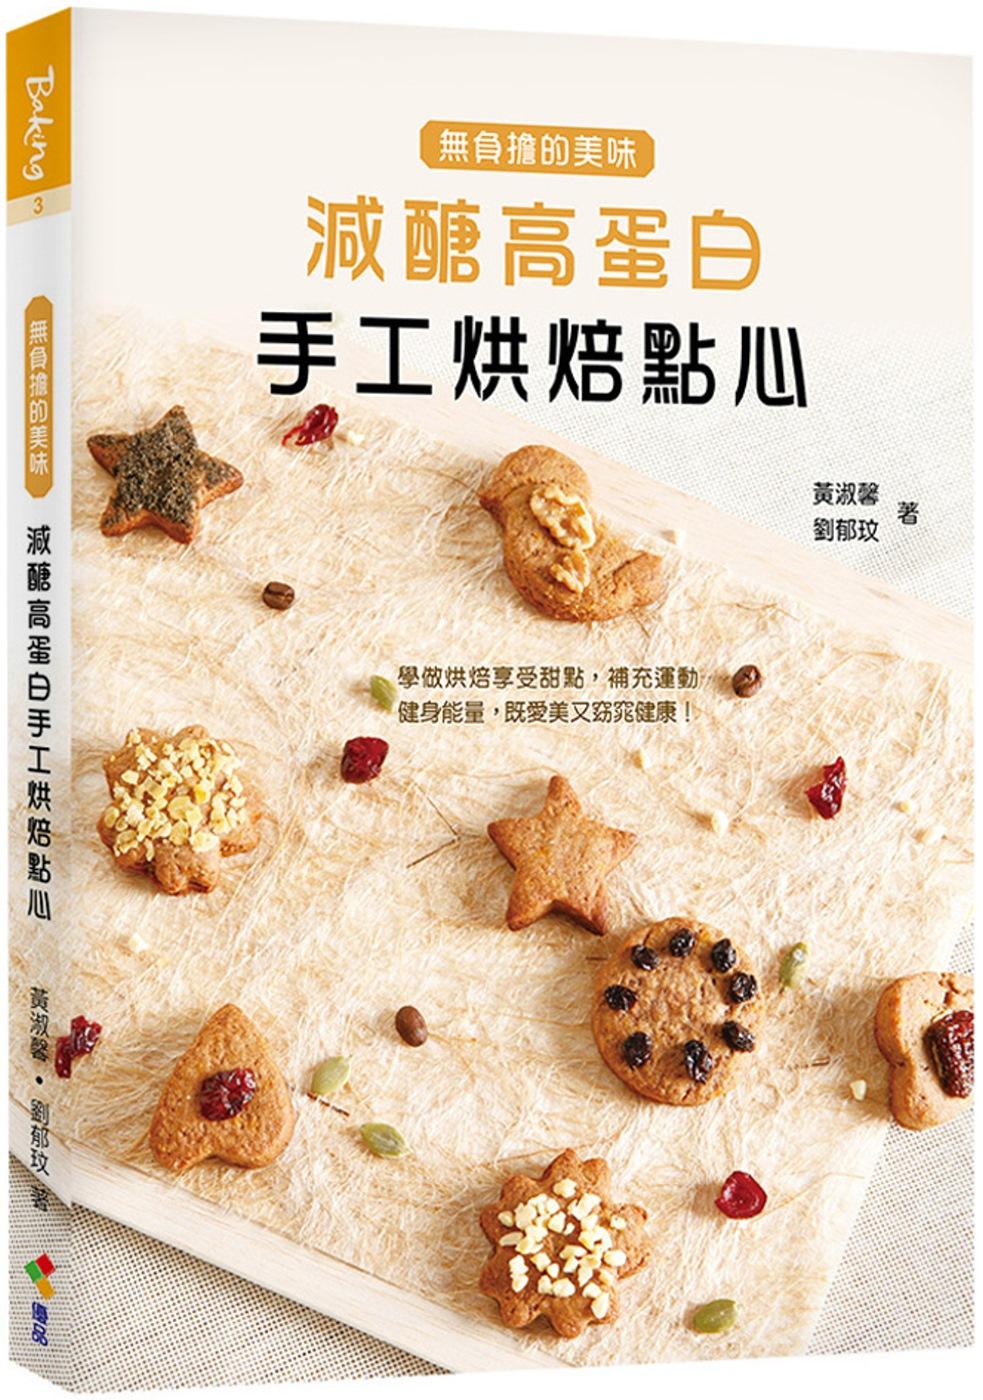 減醣高蛋白手工烘焙點心(親簽+贈品版)